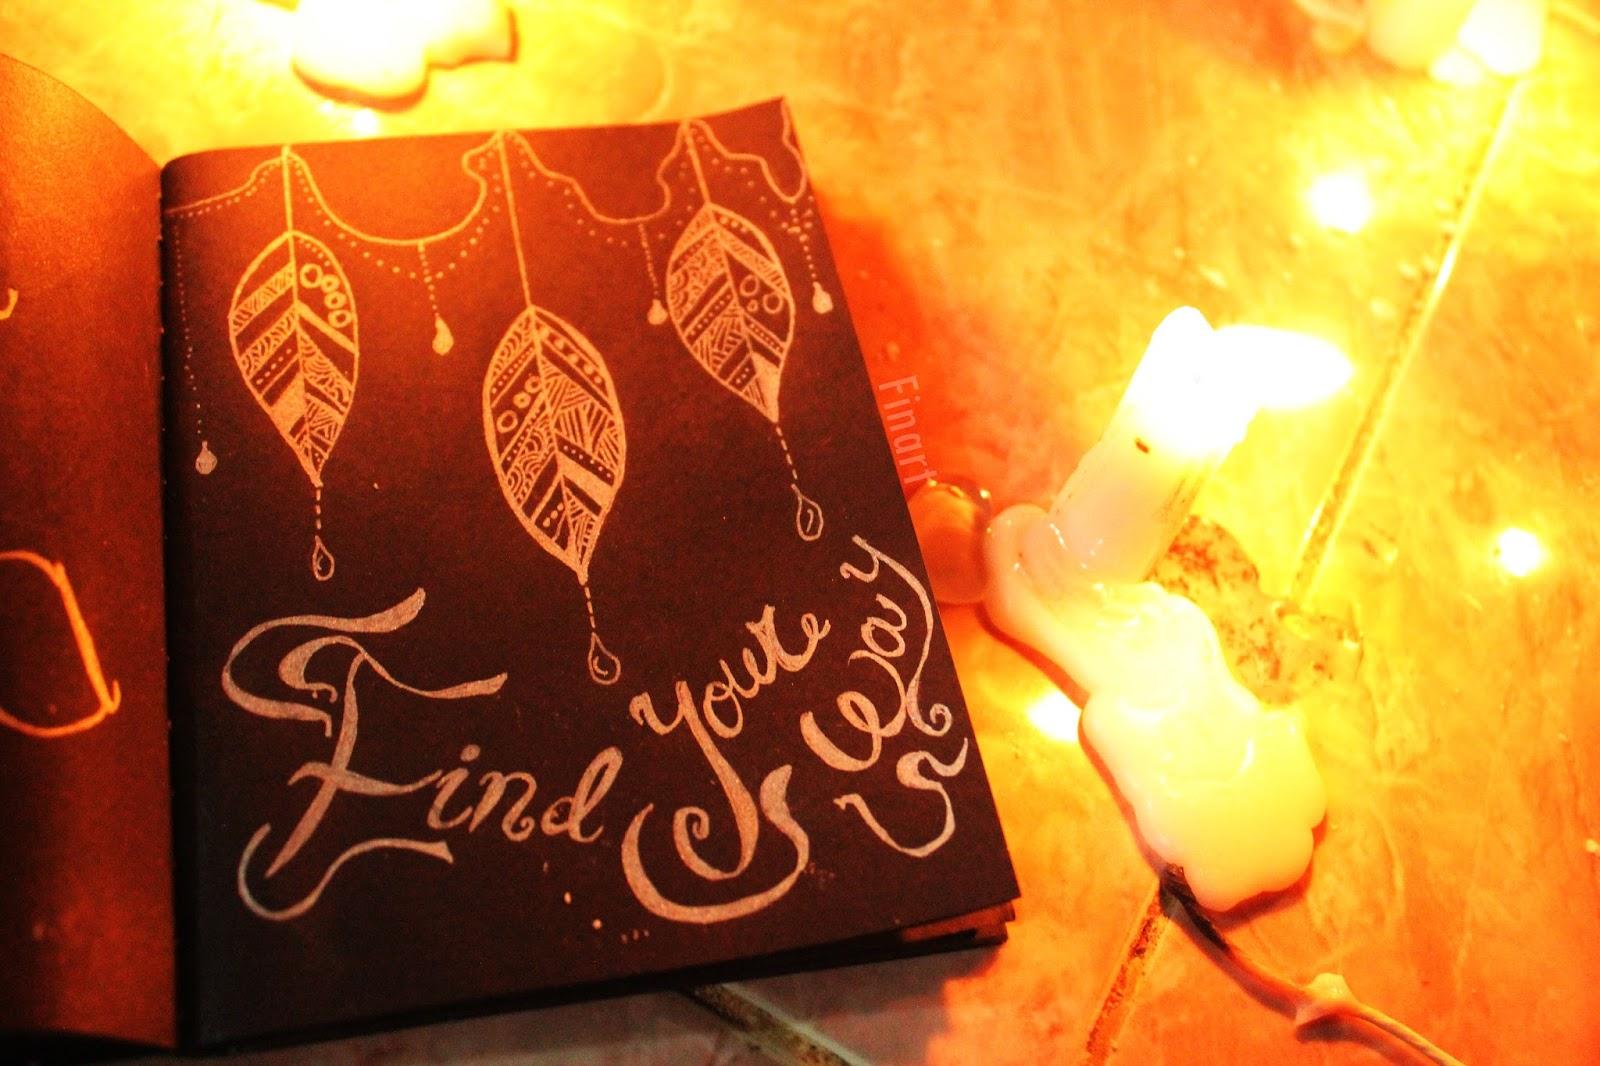 Ingin Menyalakan Lilin Atau Mengutuk Kegelapan Helena Vector Keripik Tahu Alip By Bintang Terang Pgp Terakhir Pesan Dari Gue Untuk Teman Semua Yang Membaca Ini Semoga Mata Hati Dan Pikiran Kita Jadi Semakin Terbuka